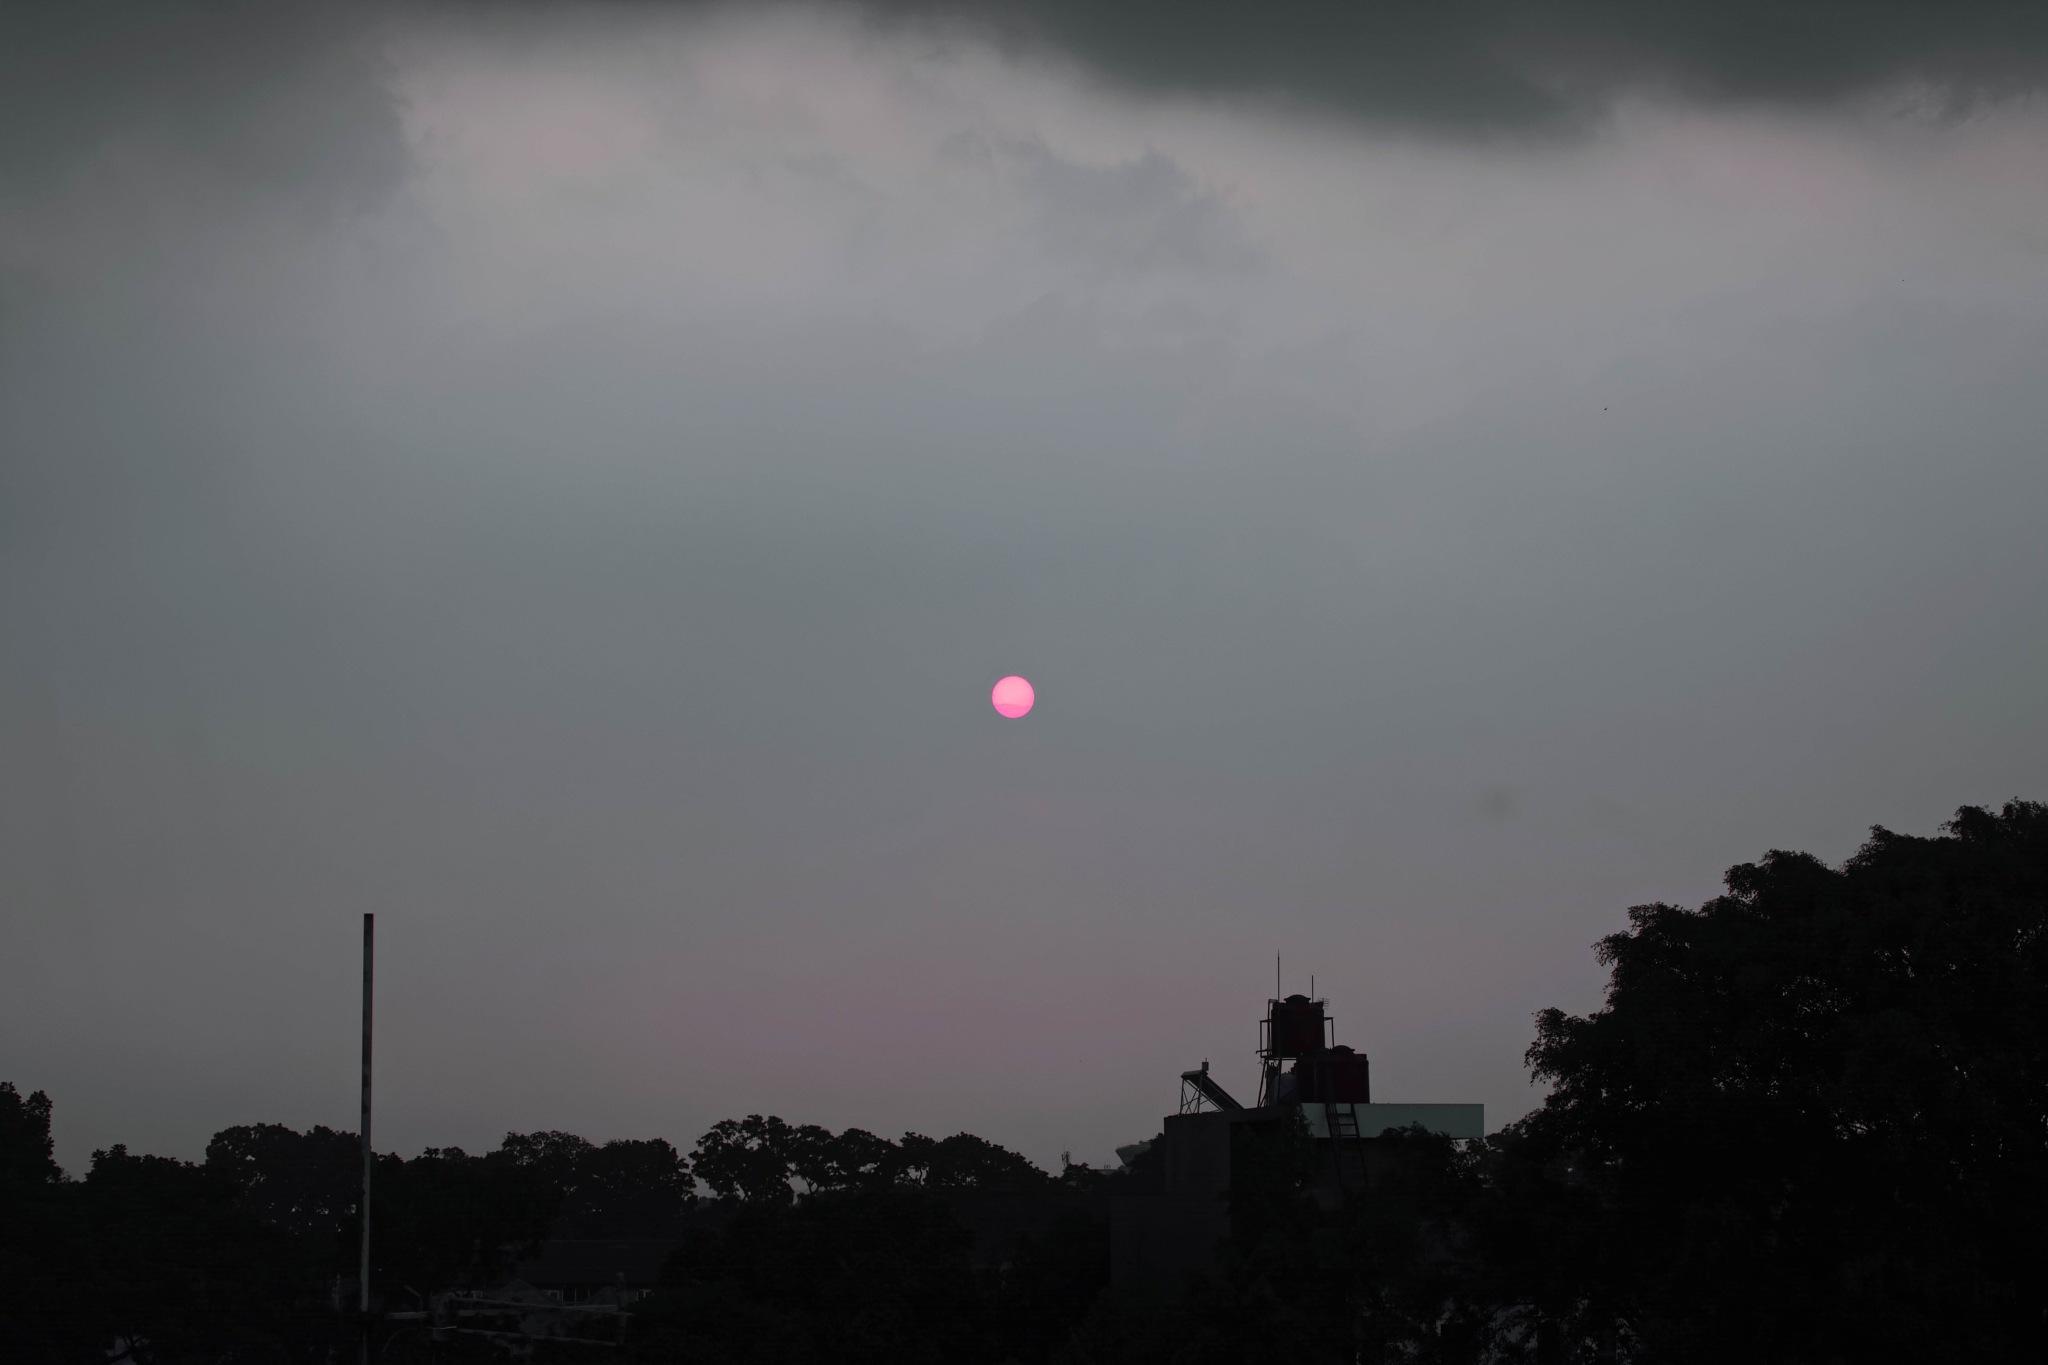 Girly Sunset by Budi Selamat